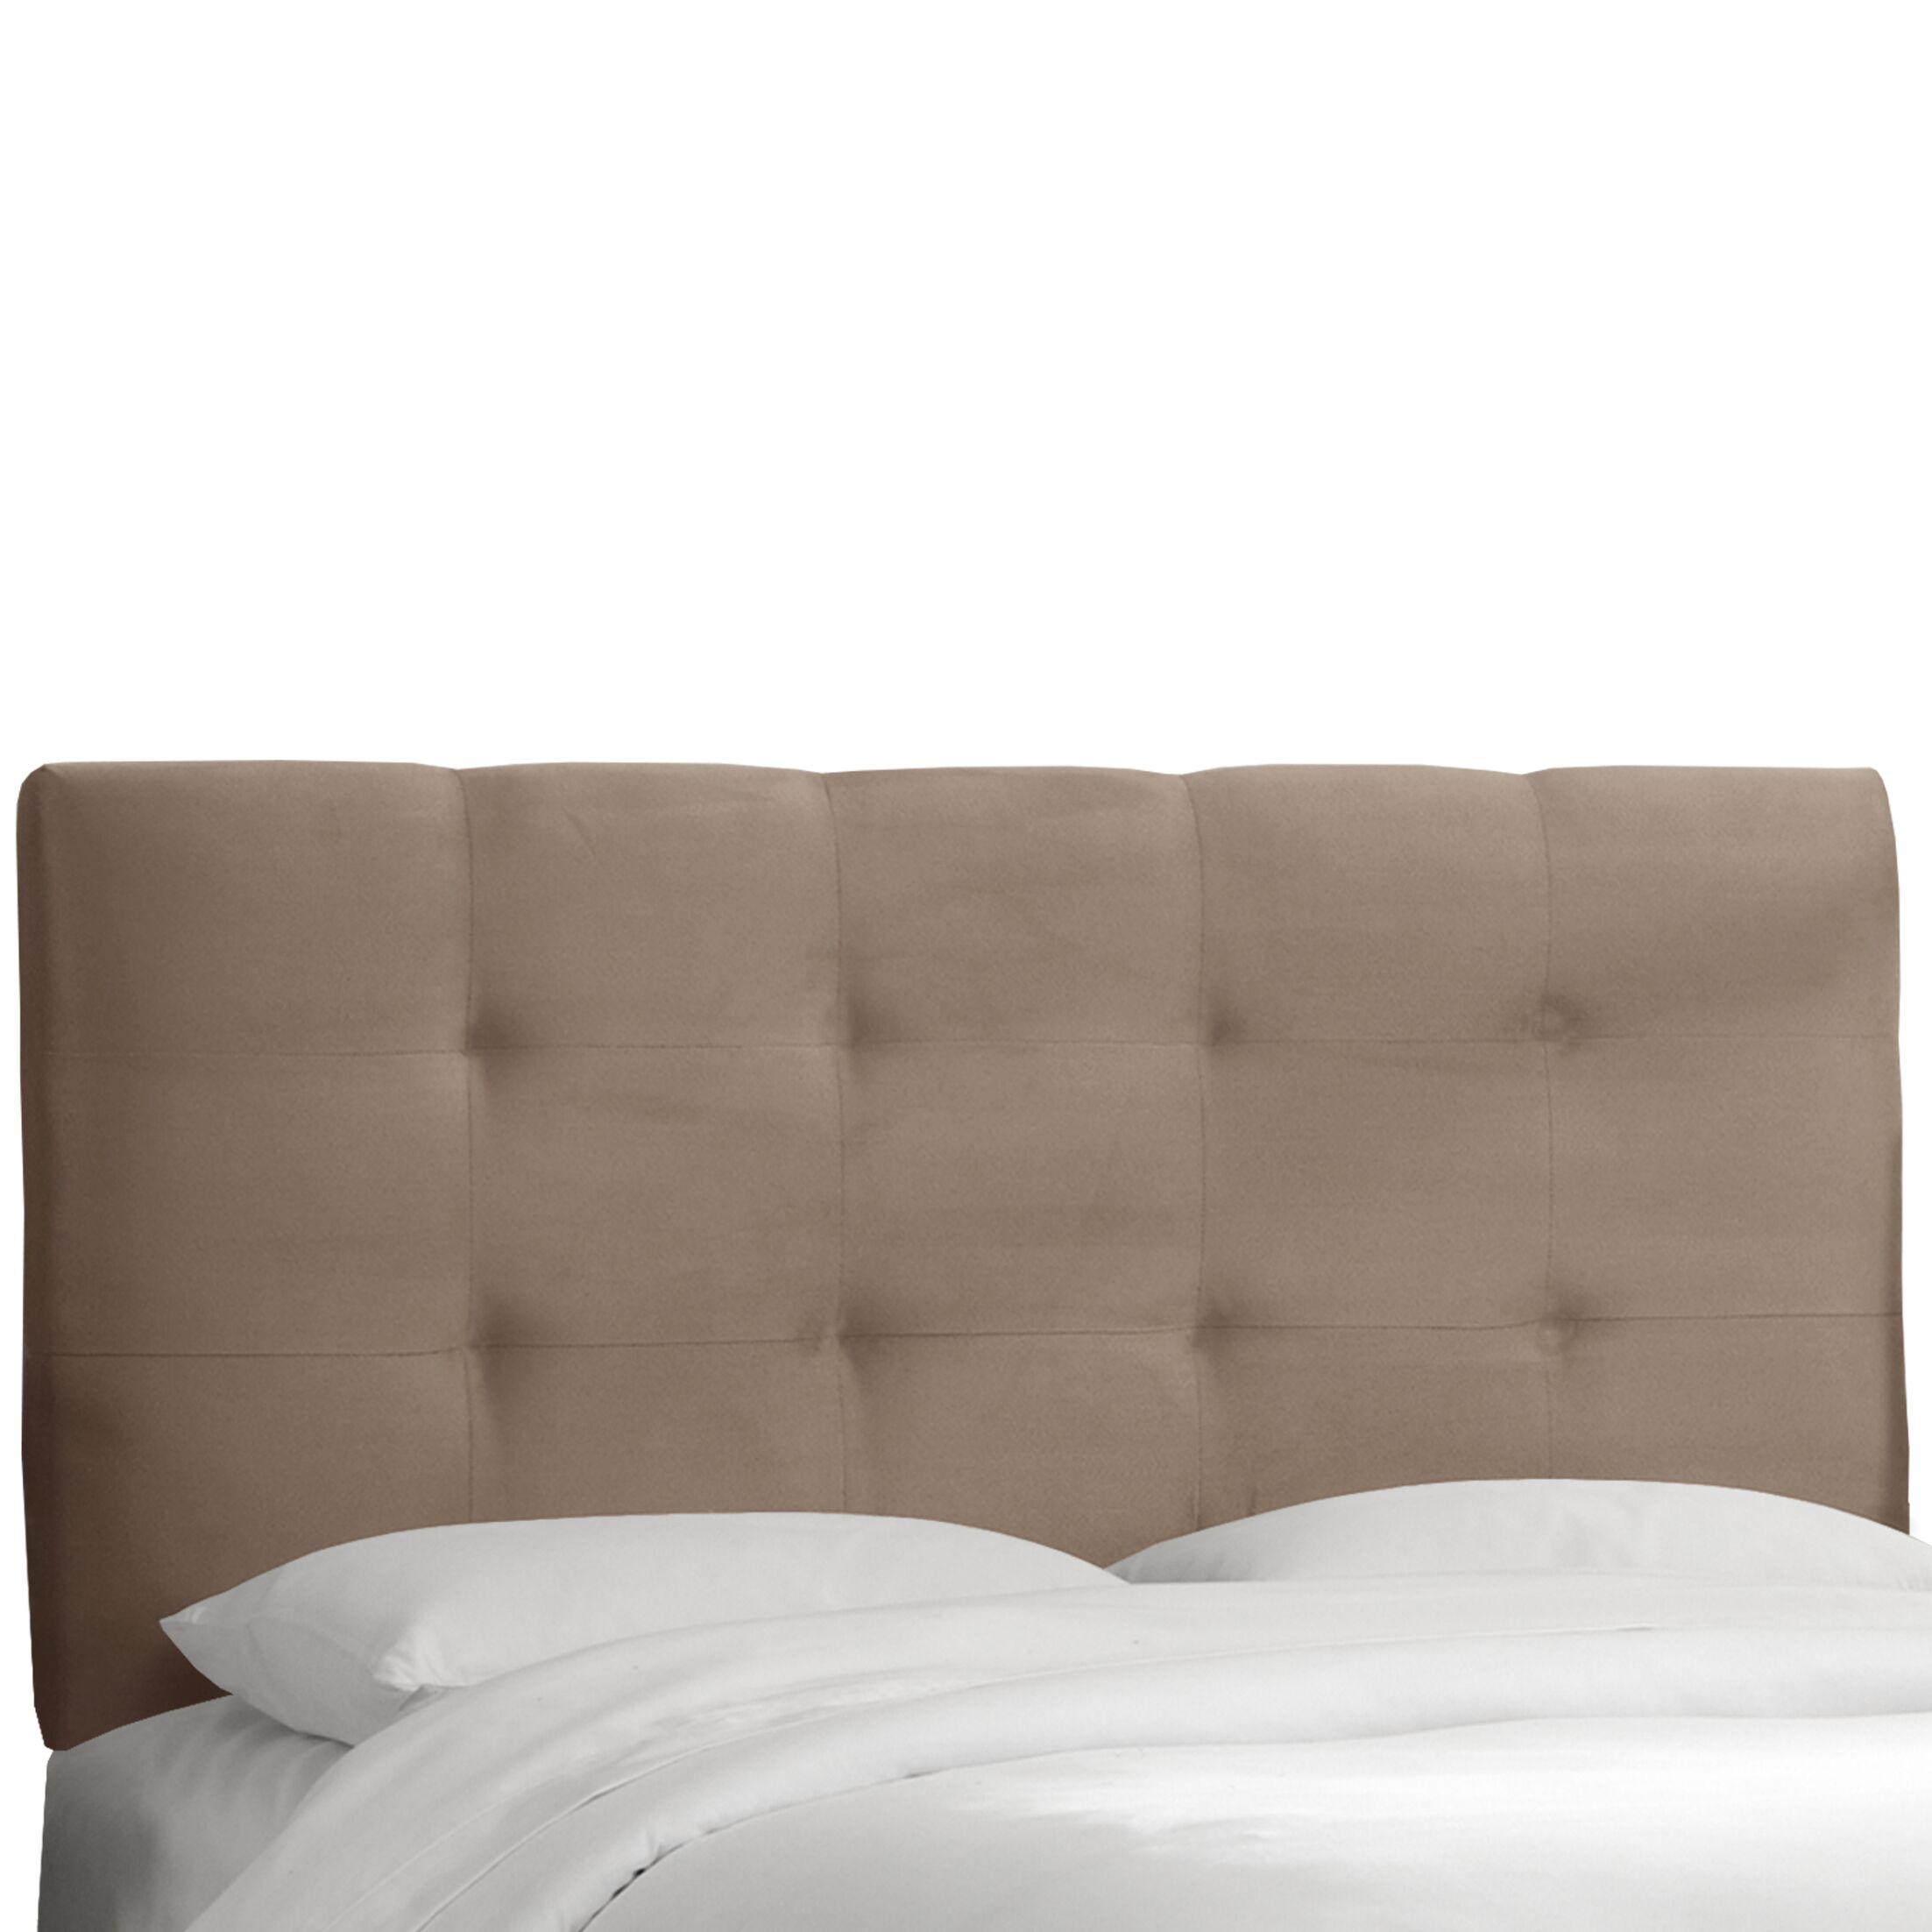 Evonne Upholstered Panel Headboard Size: Full, Upholstery: Mystere Mondo